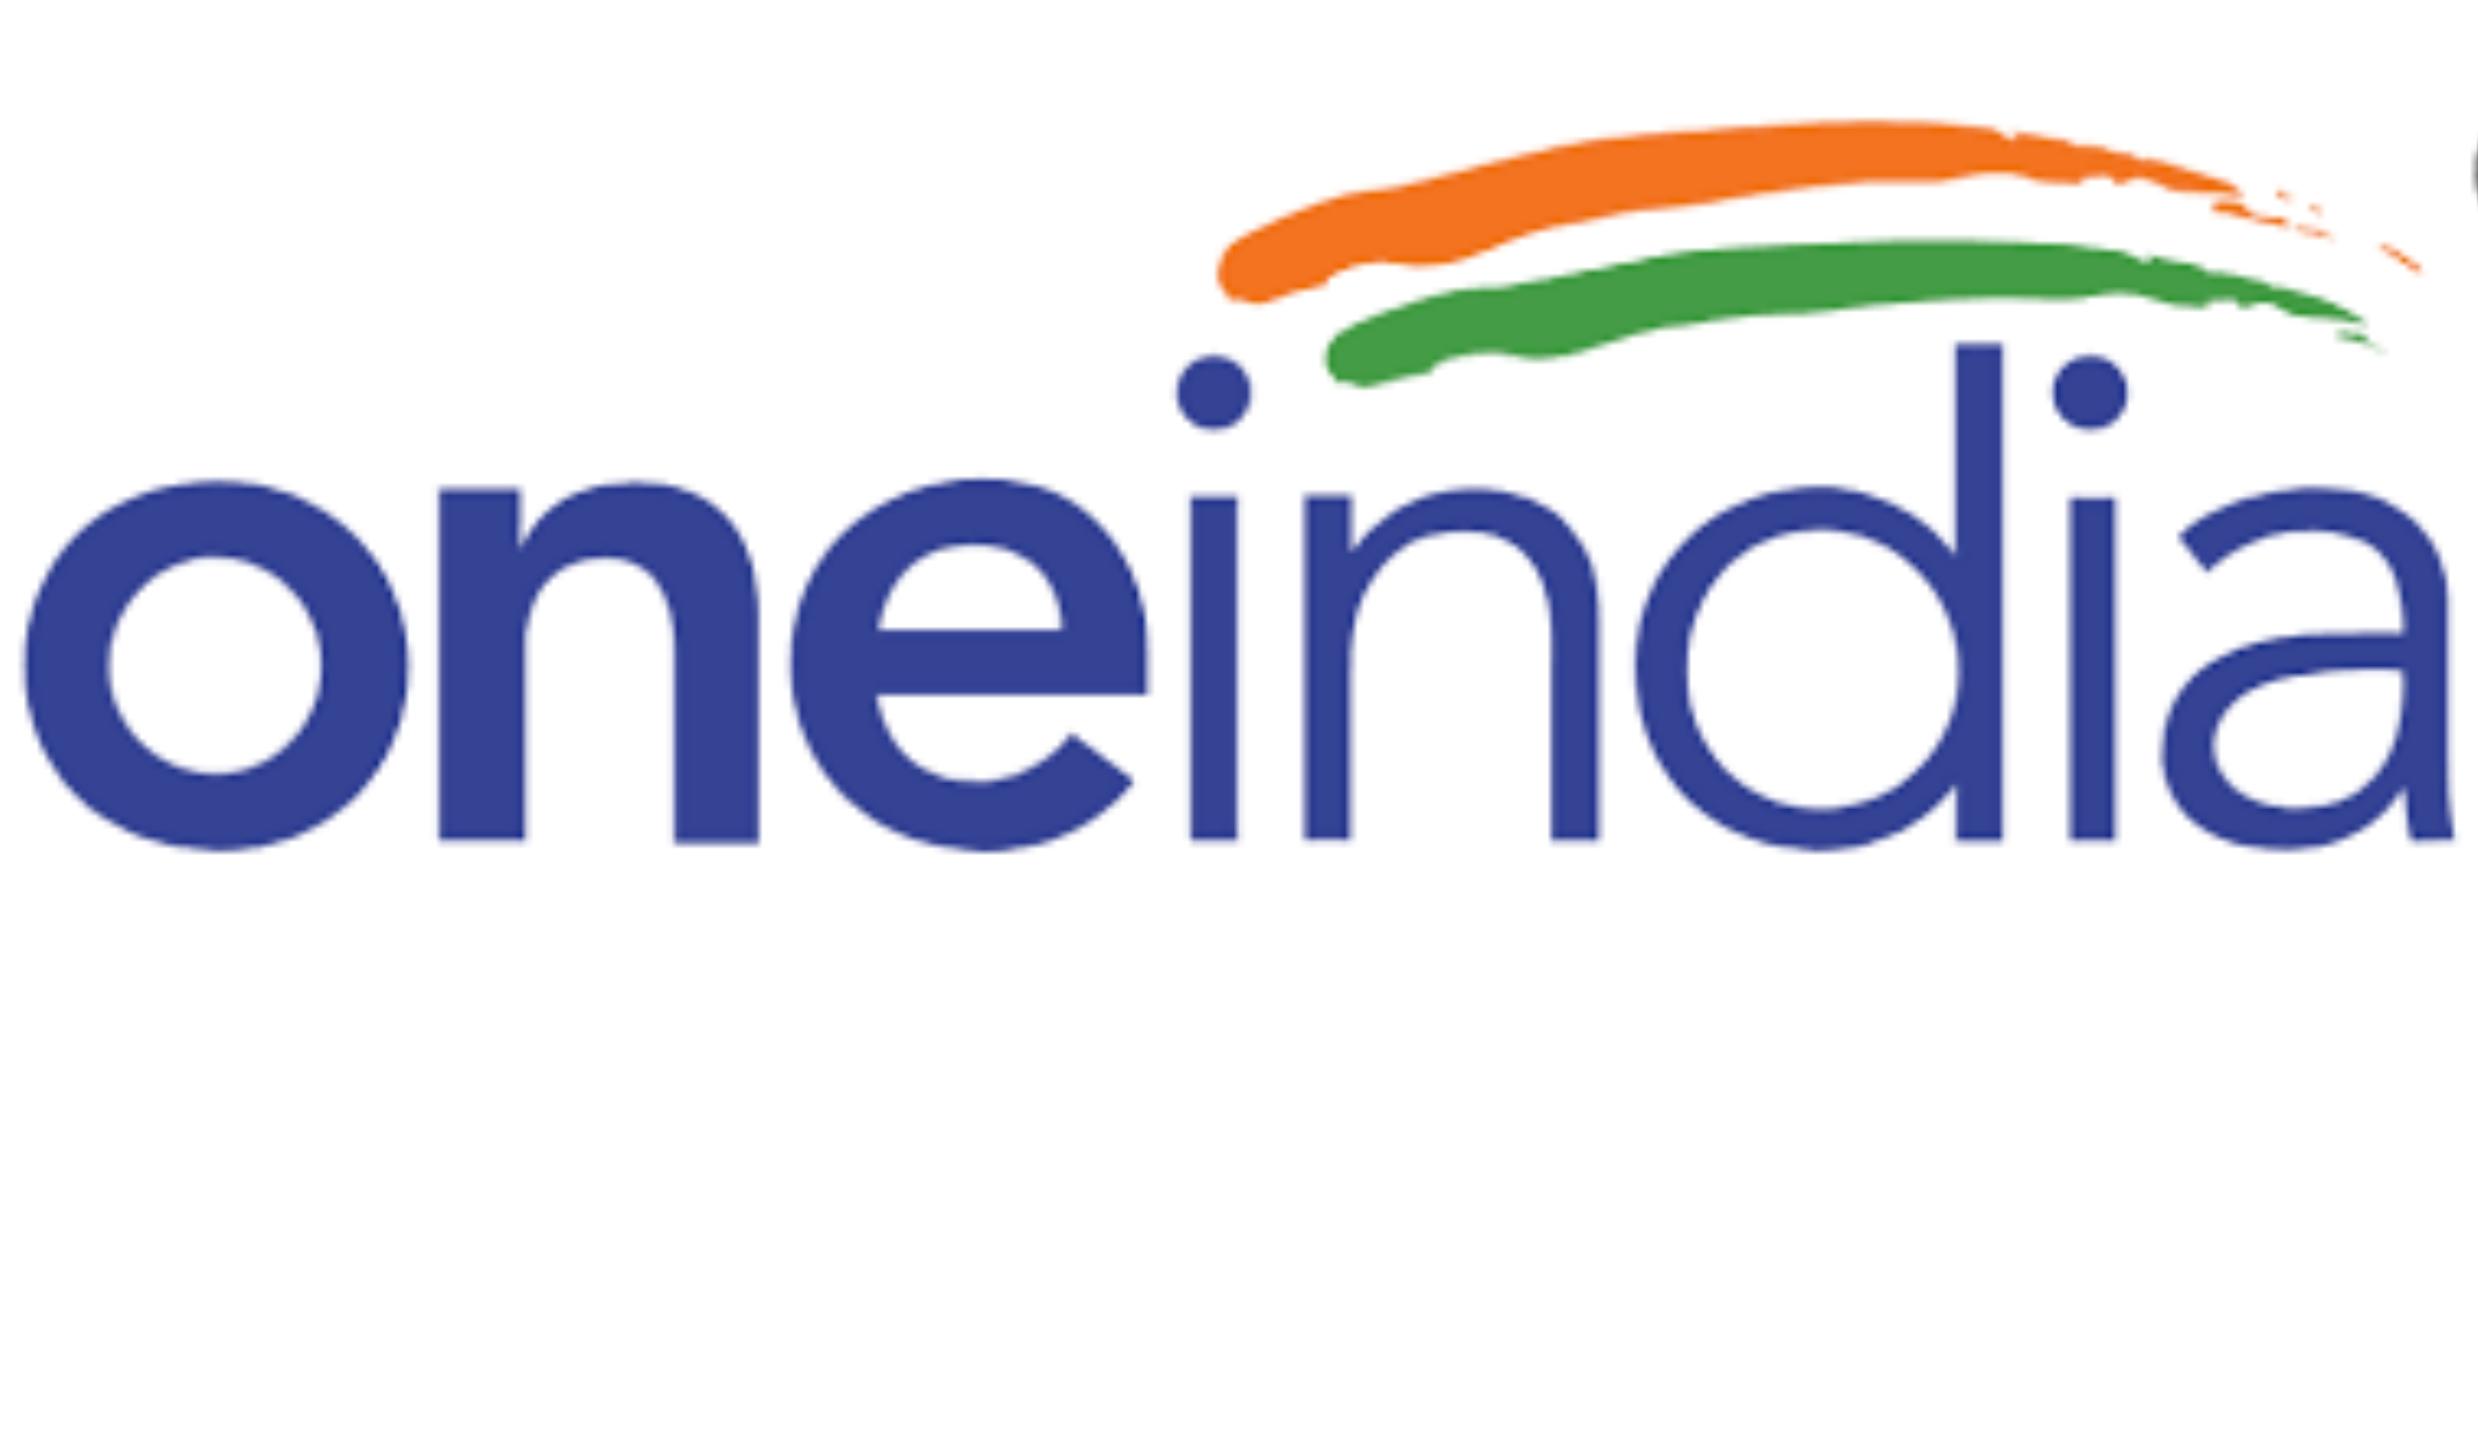 One Idea, One India